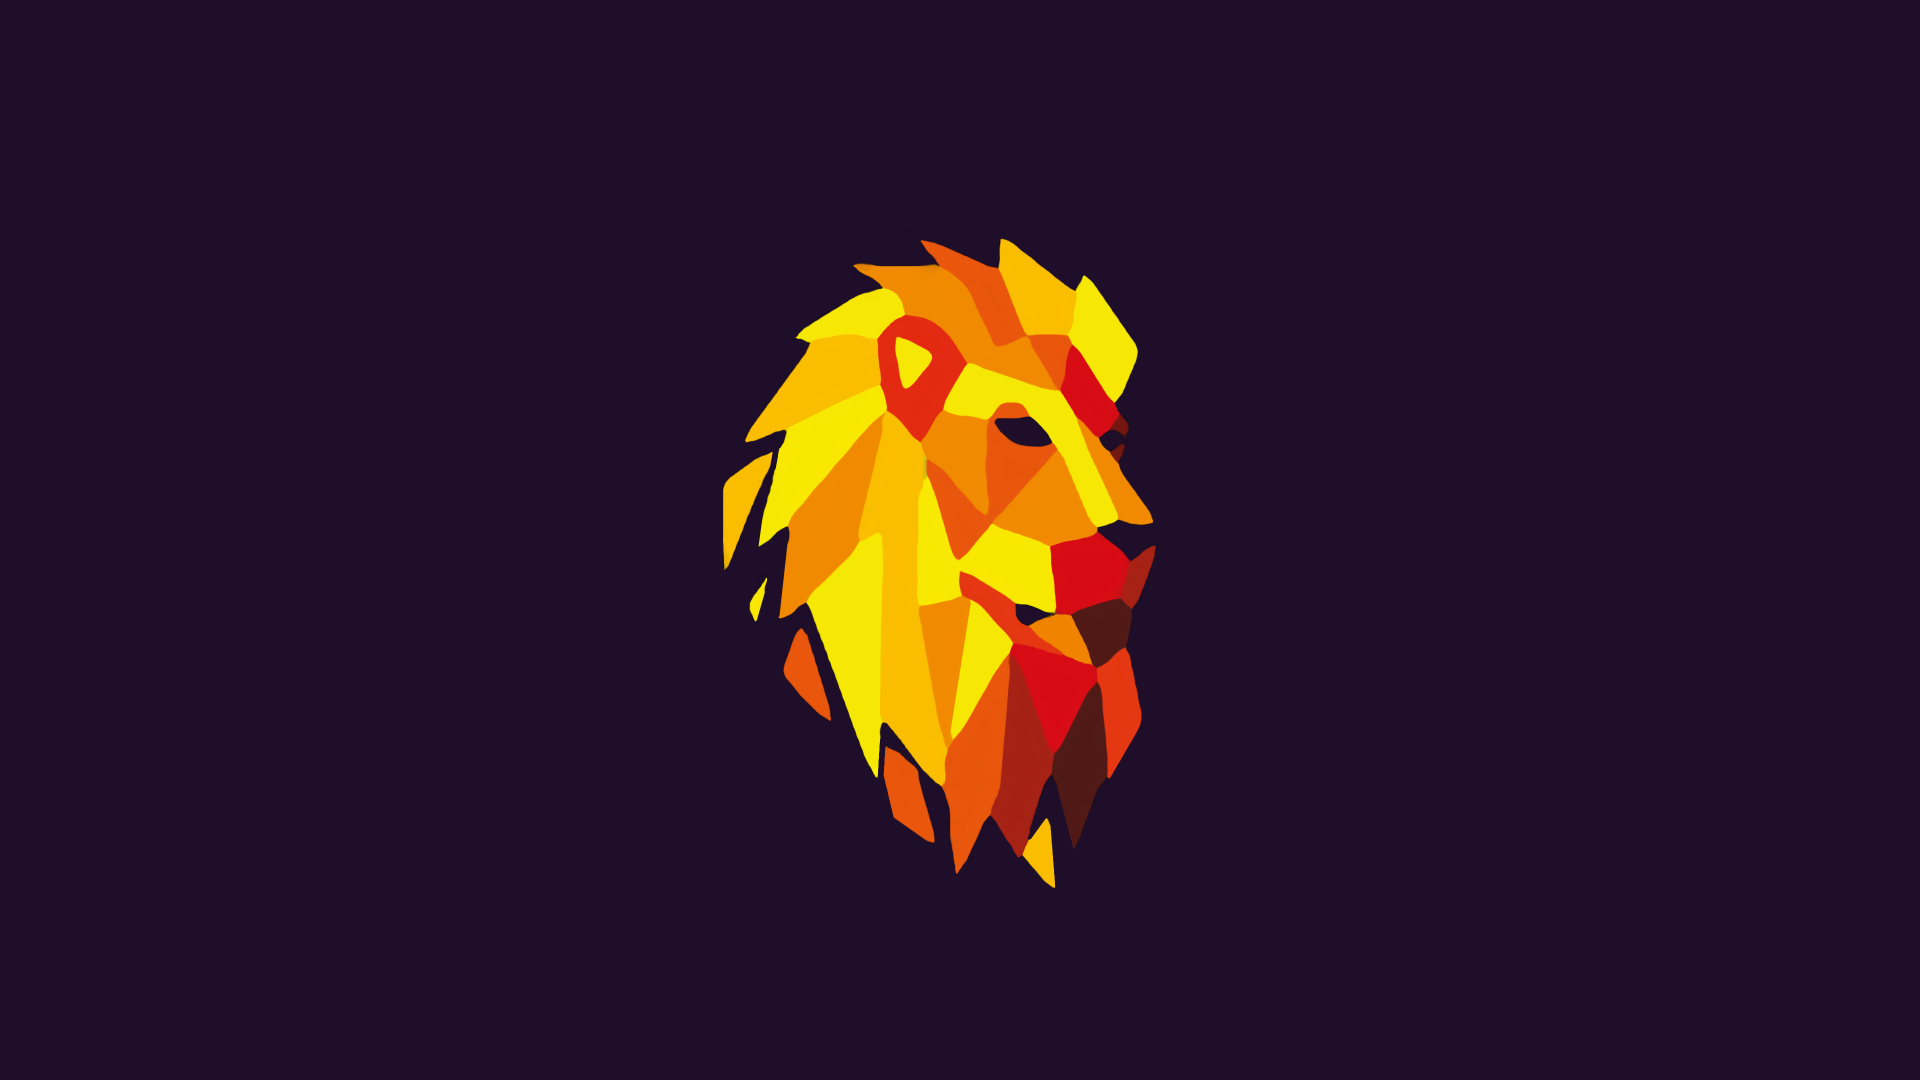 1920x1080 Lion Purple Background Digital Art 1080p Laptop